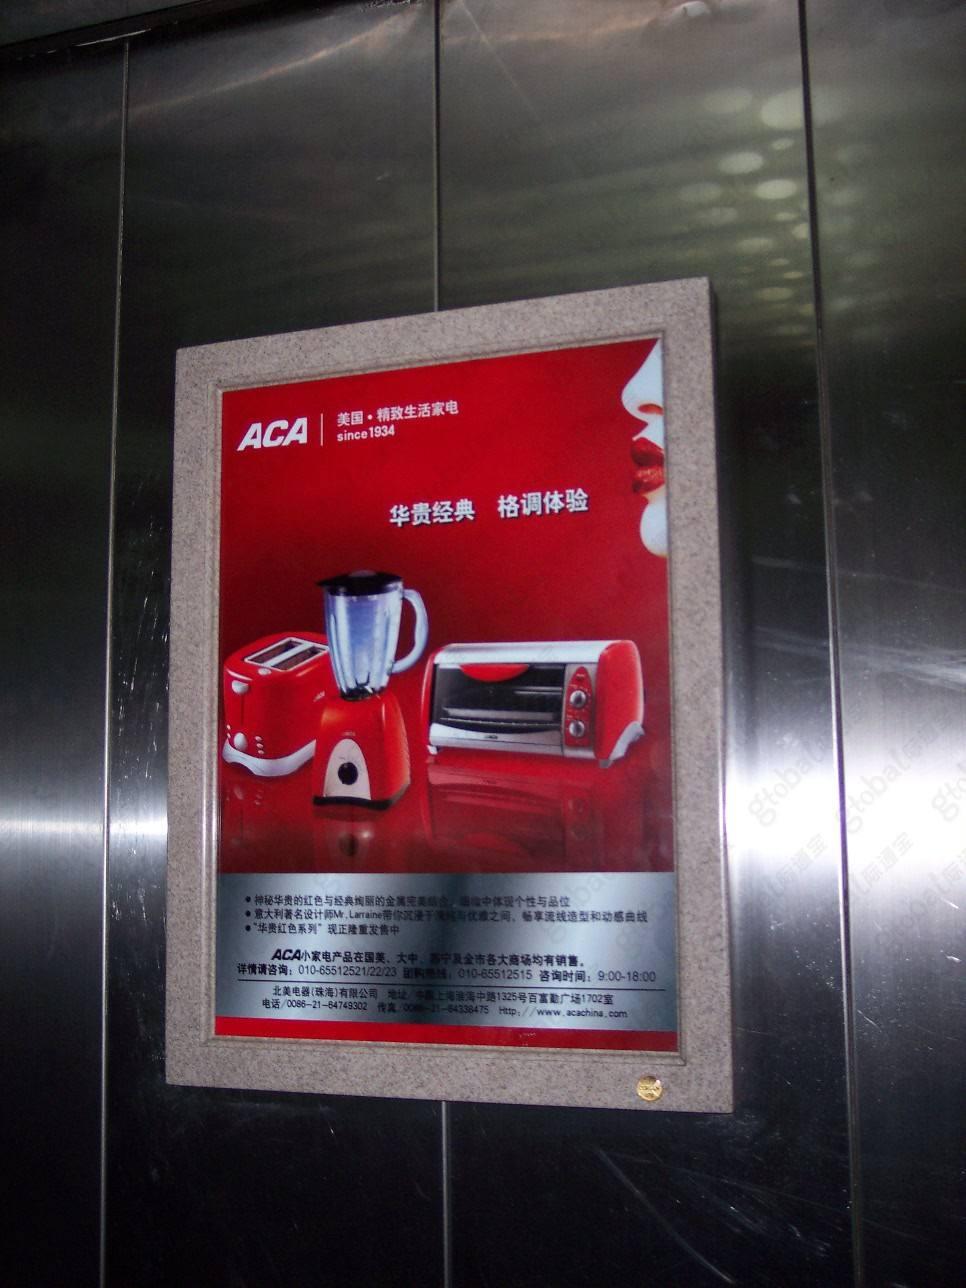 深圳高端小区电梯广告-分众资源低至2折